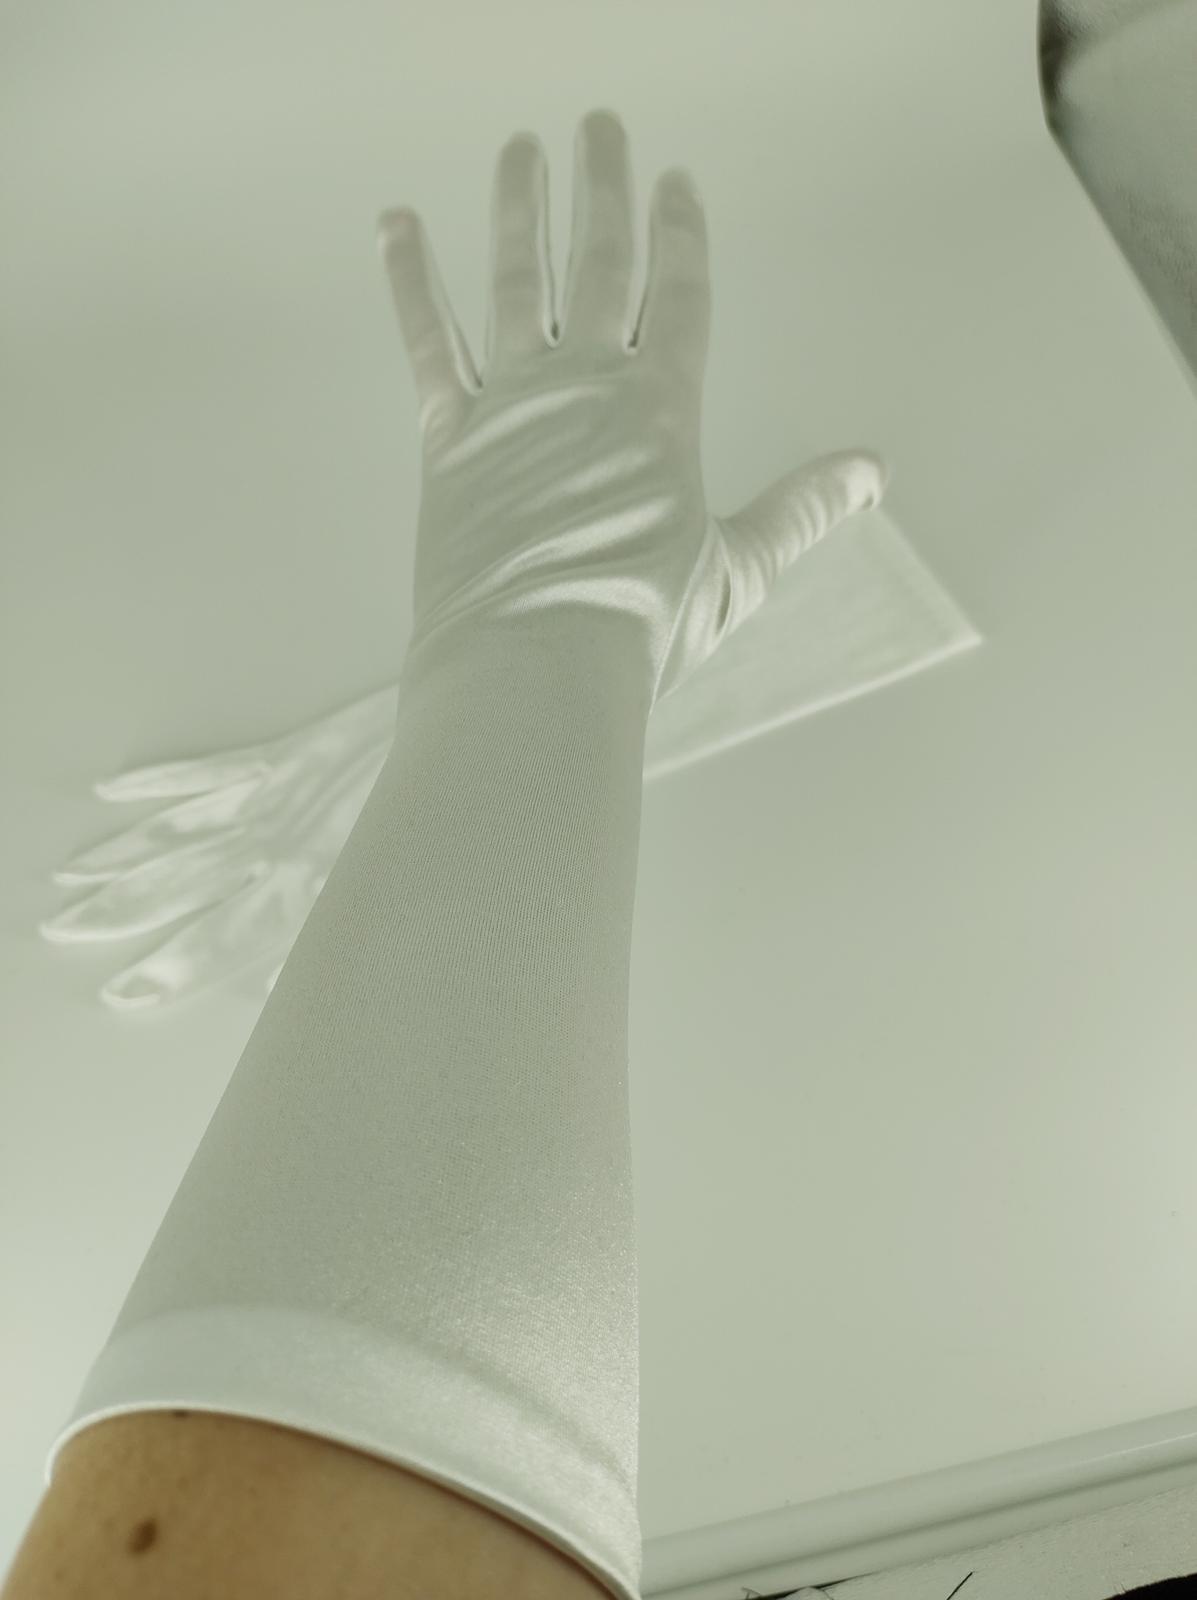 Biele rukavičky - Obrázok č. 1